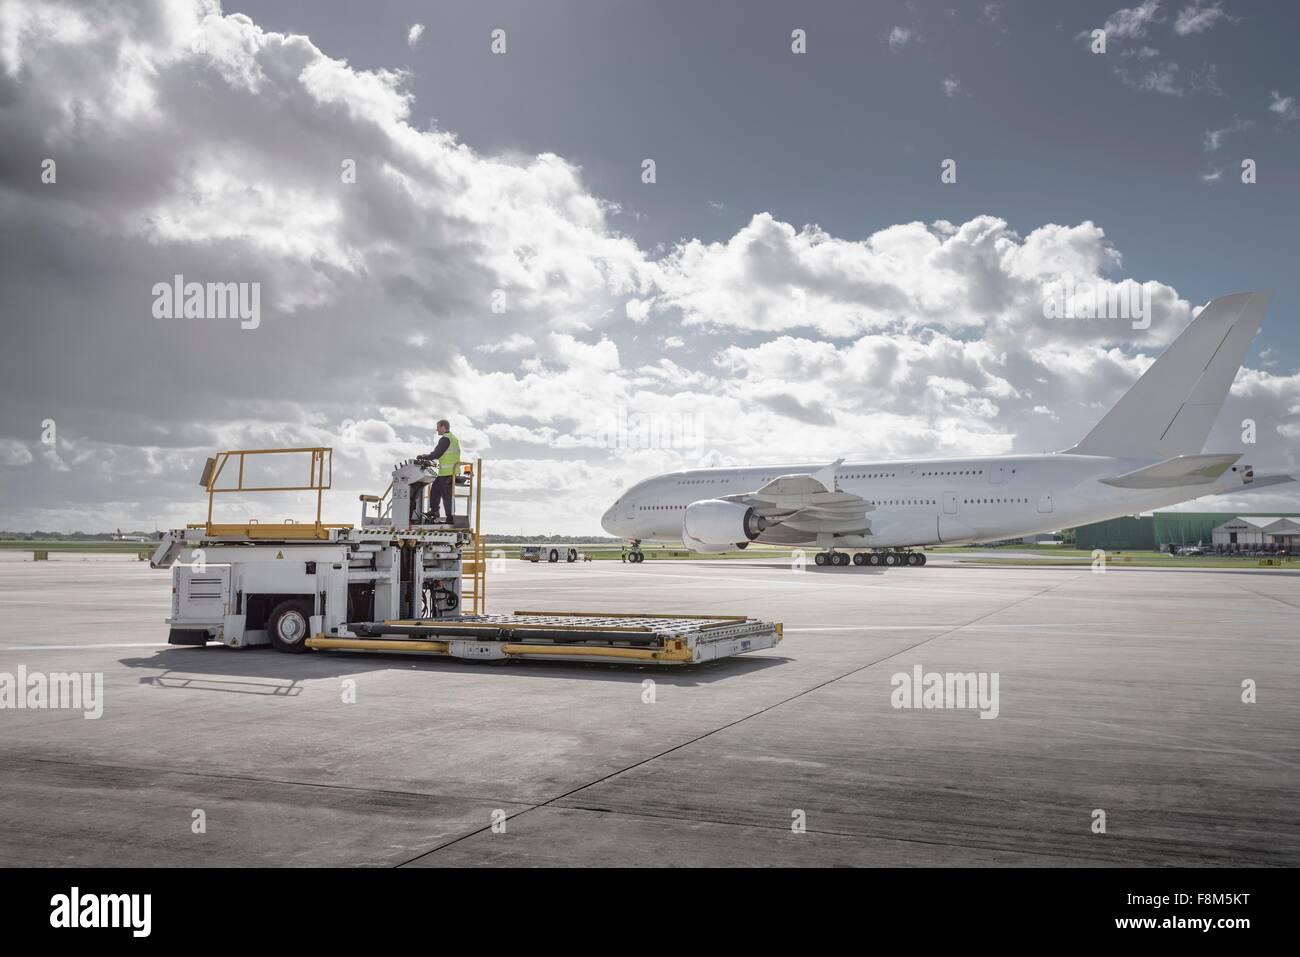 Servizi di movimentazione delle merci la macchina con un380 sulla pista Immagini Stock